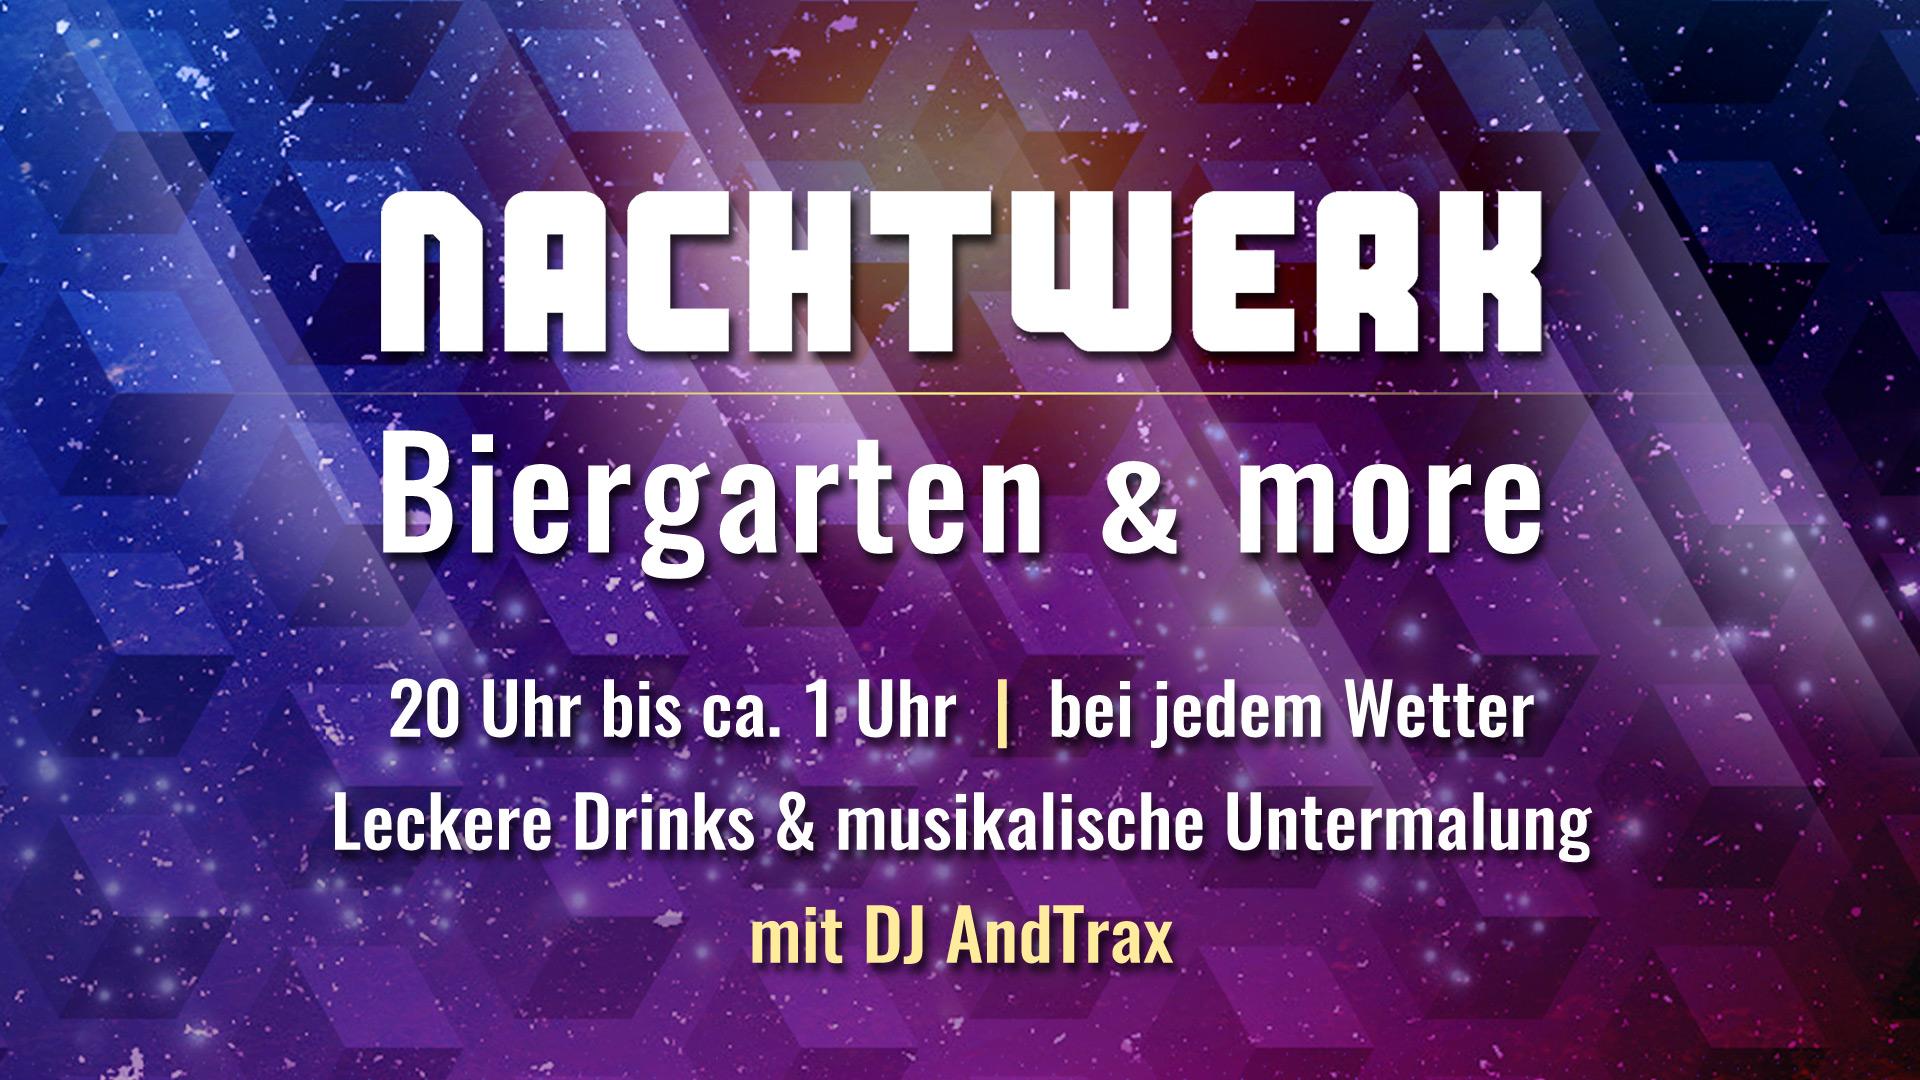 Biergarten & more mit DJ AndTraX